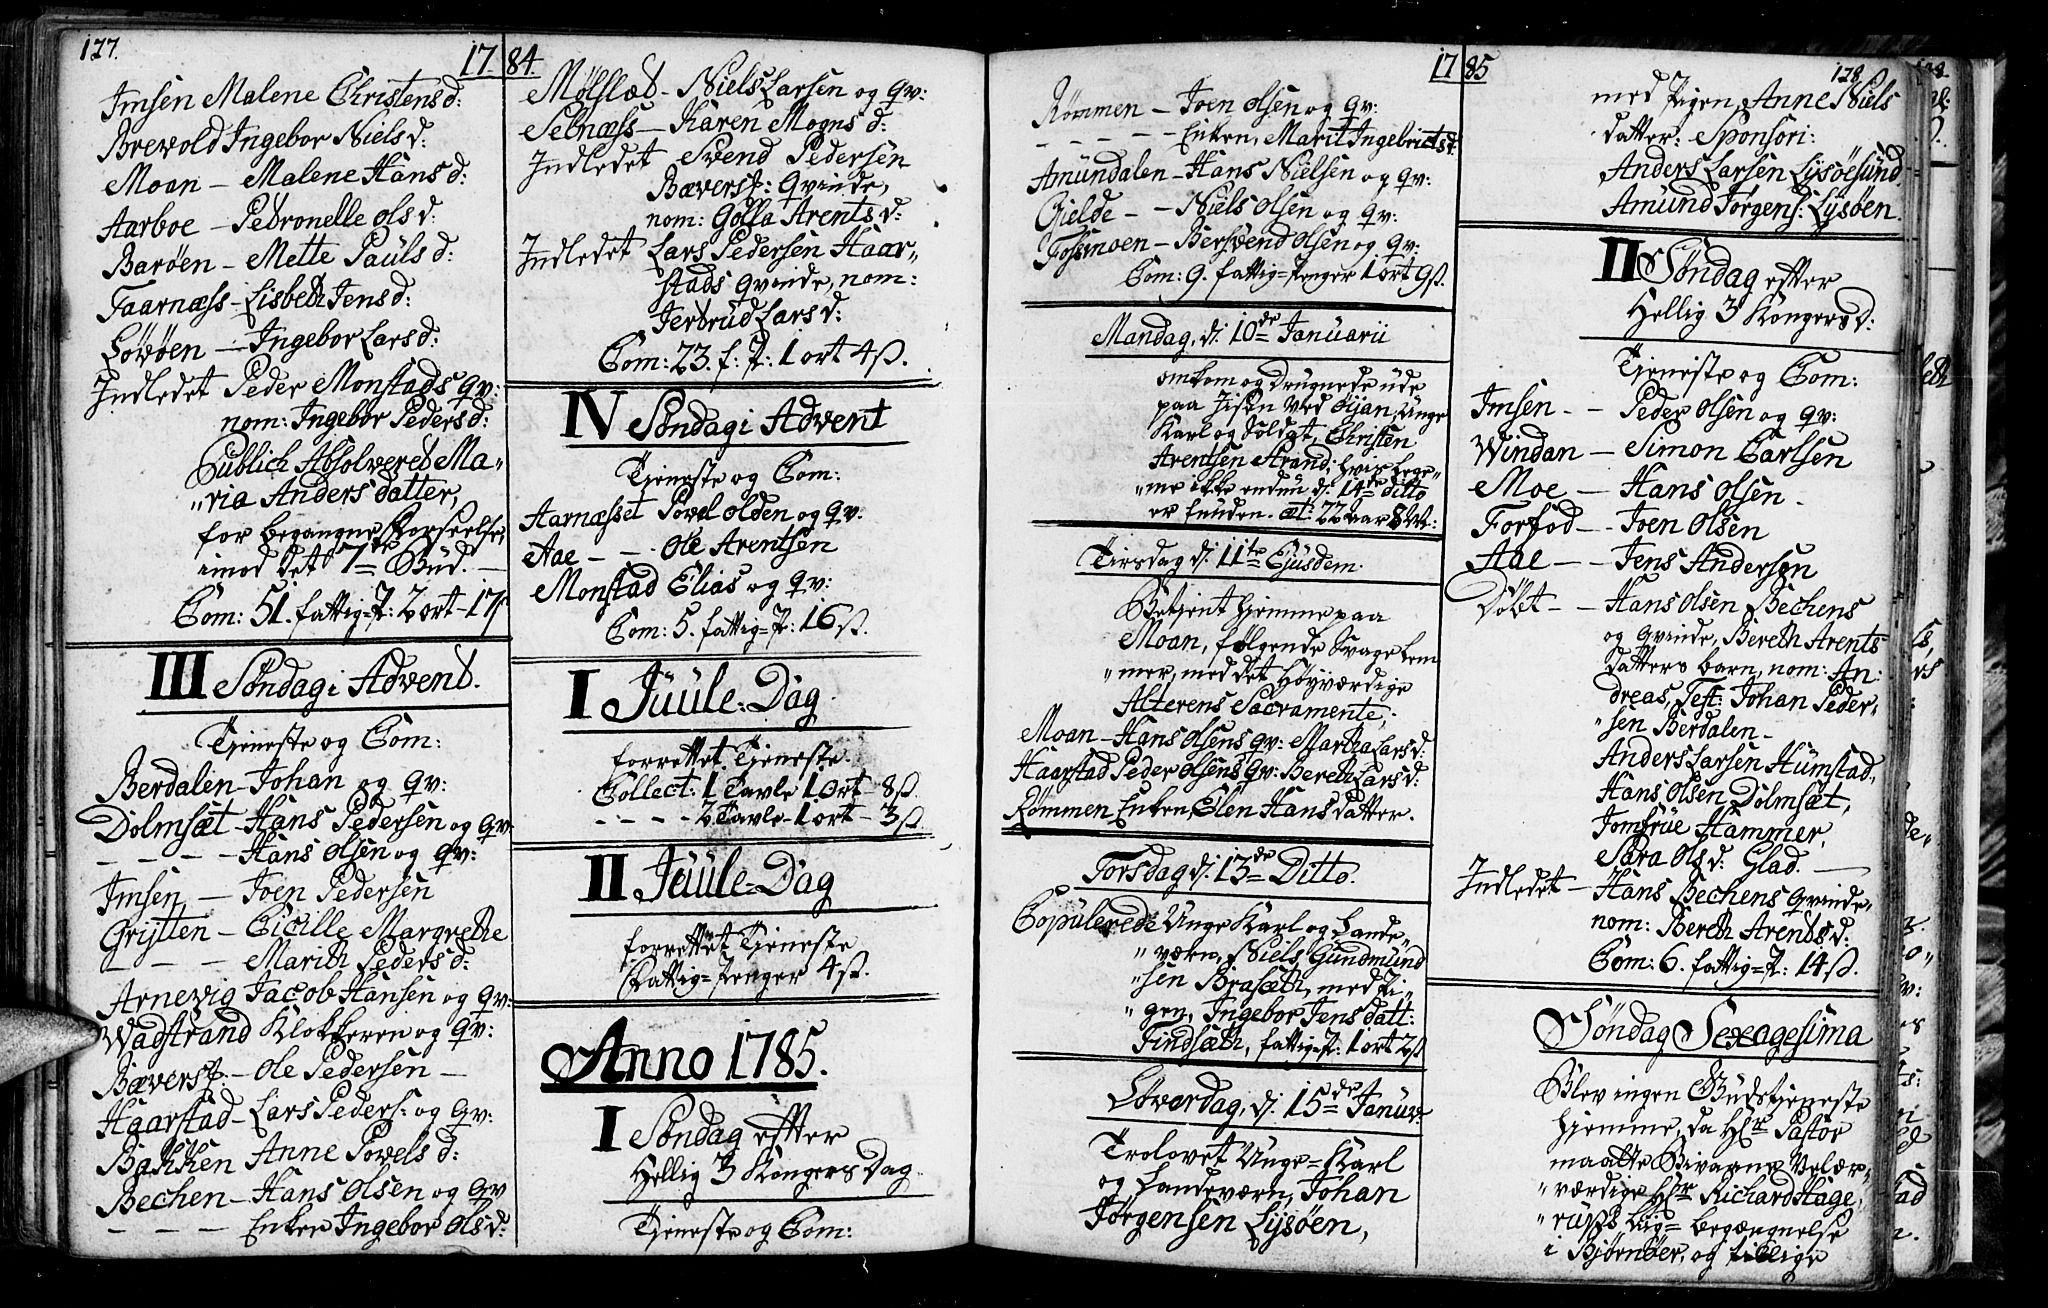 SAT, Ministerialprotokoller, klokkerbøker og fødselsregistre - Sør-Trøndelag, 655/L0685: Klokkerbok nr. 655C01, 1777-1788, s. 127-128